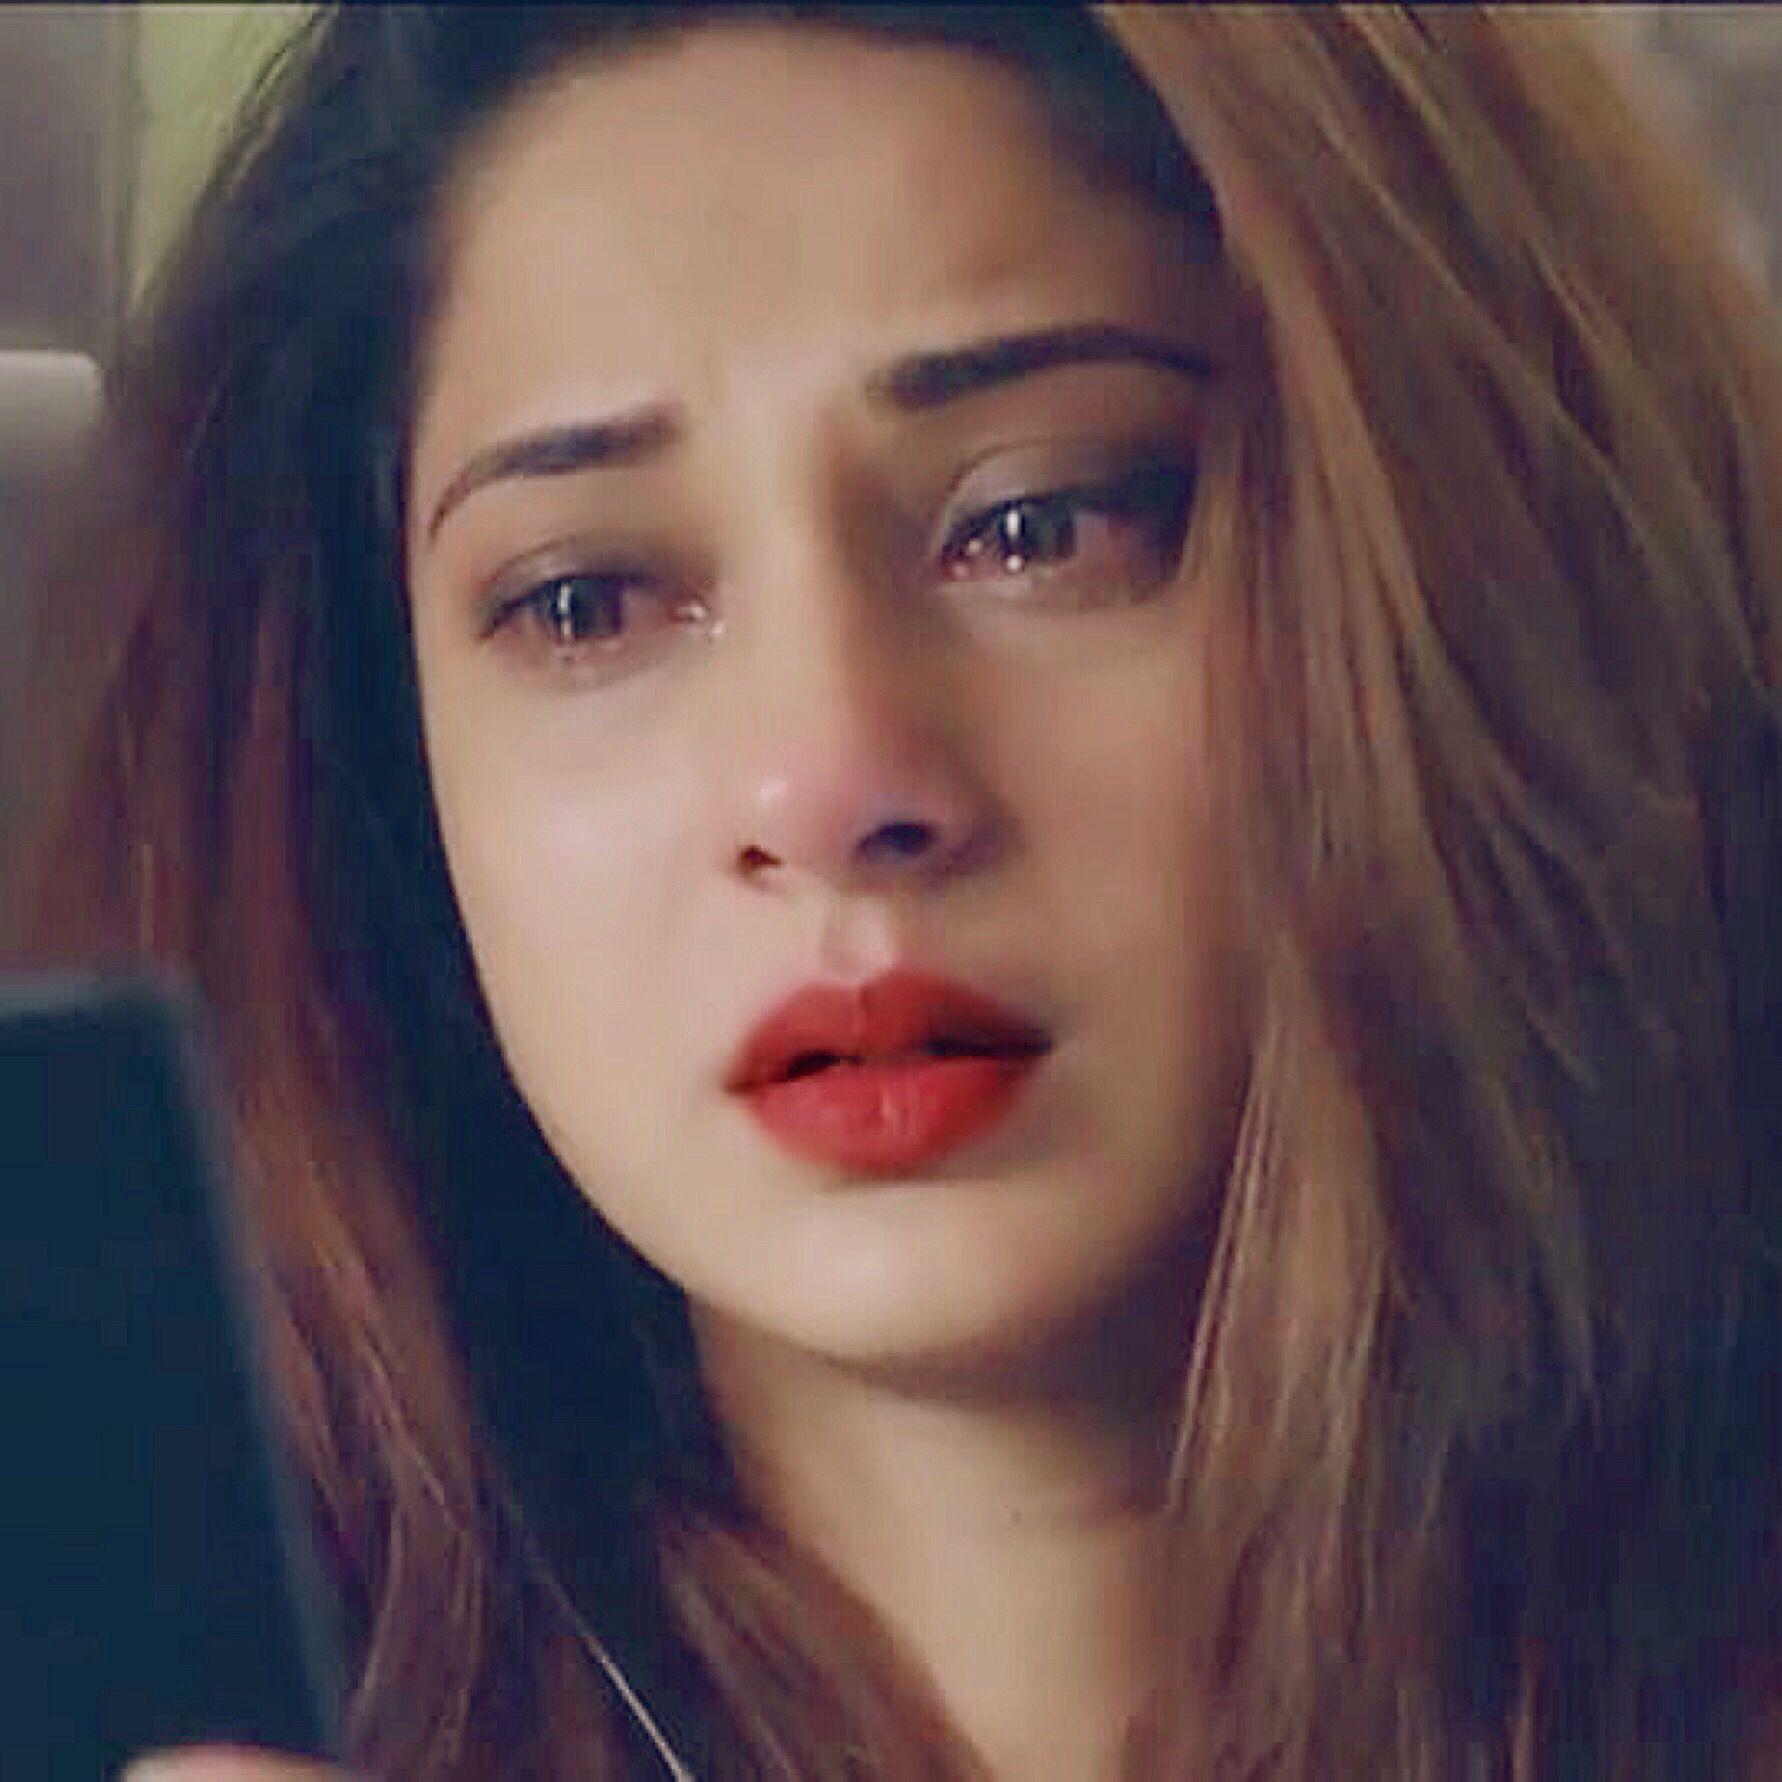 Ghanwa maya beyhadh crying girl crying face maya quotes jennifer winget